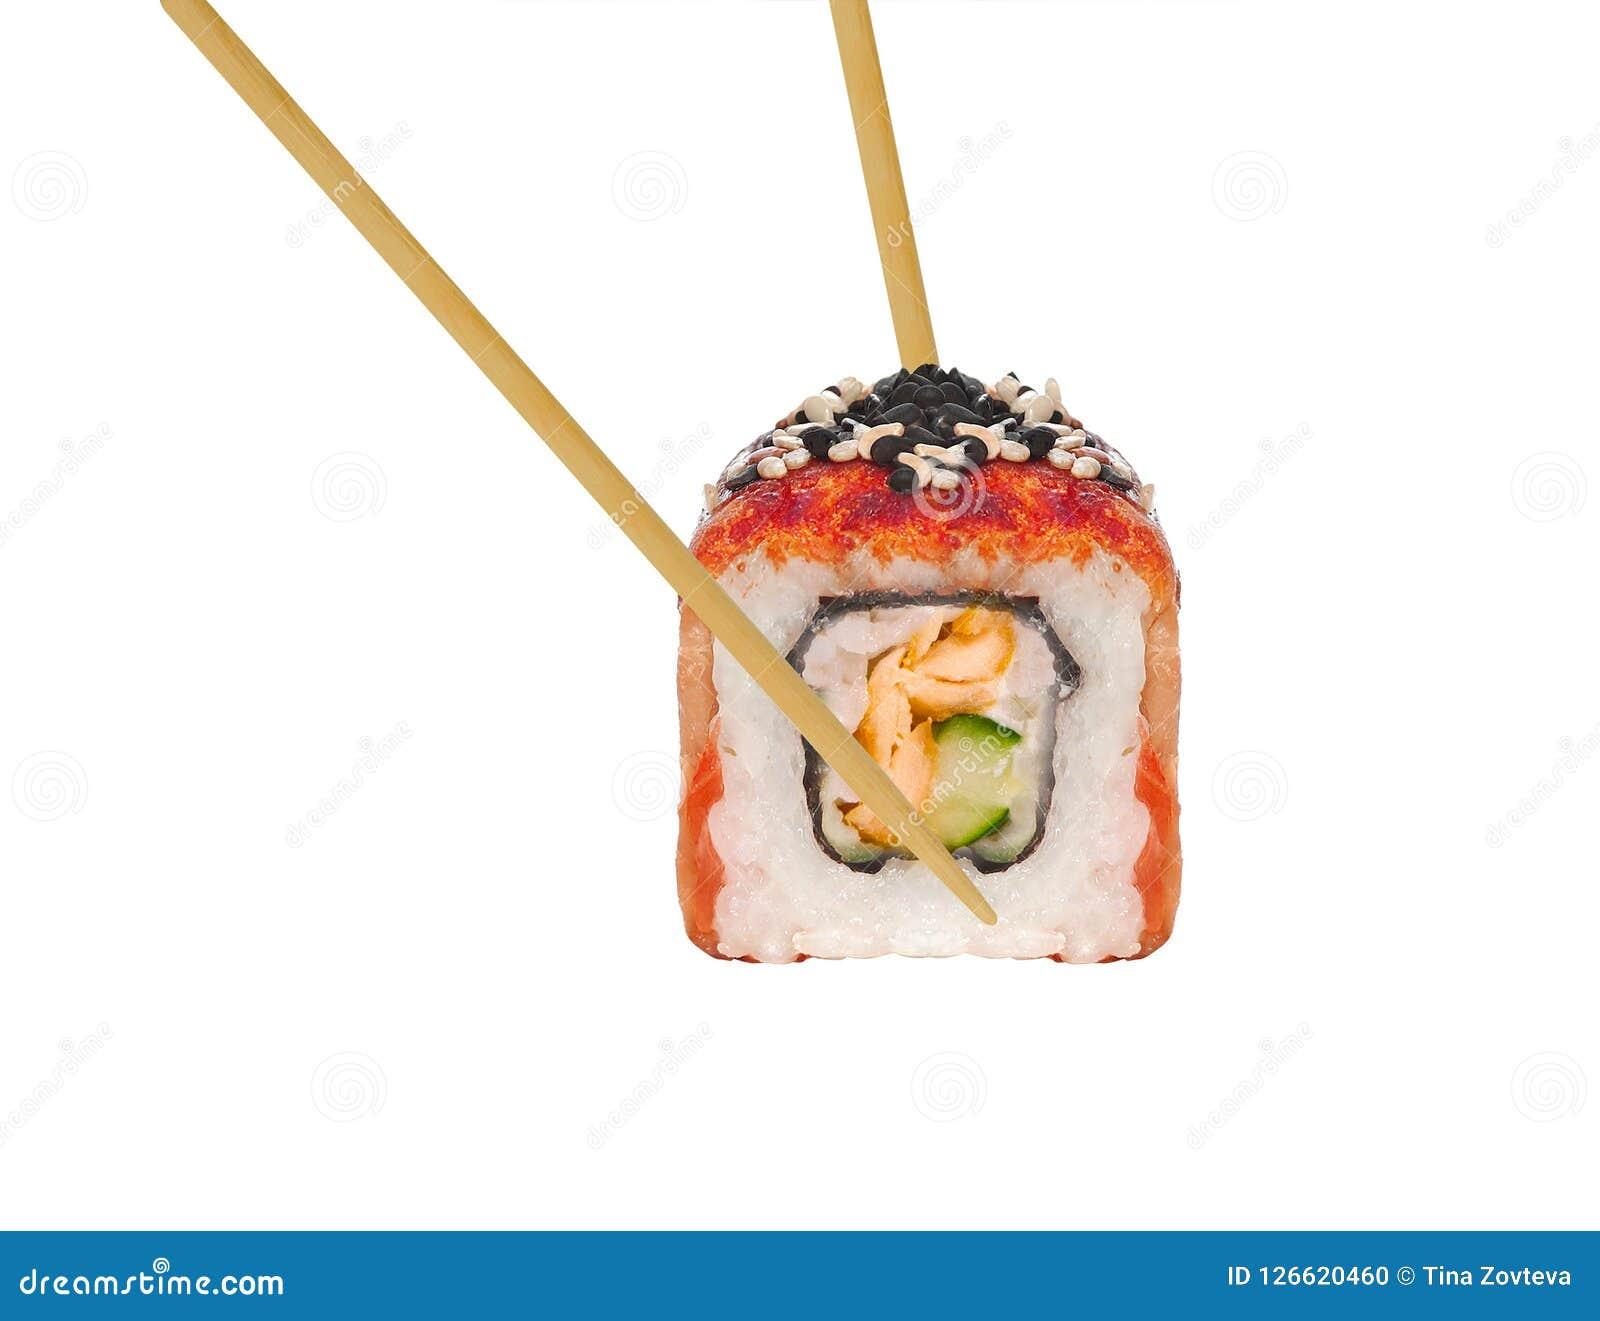 Sushibroodje in eetstokjes